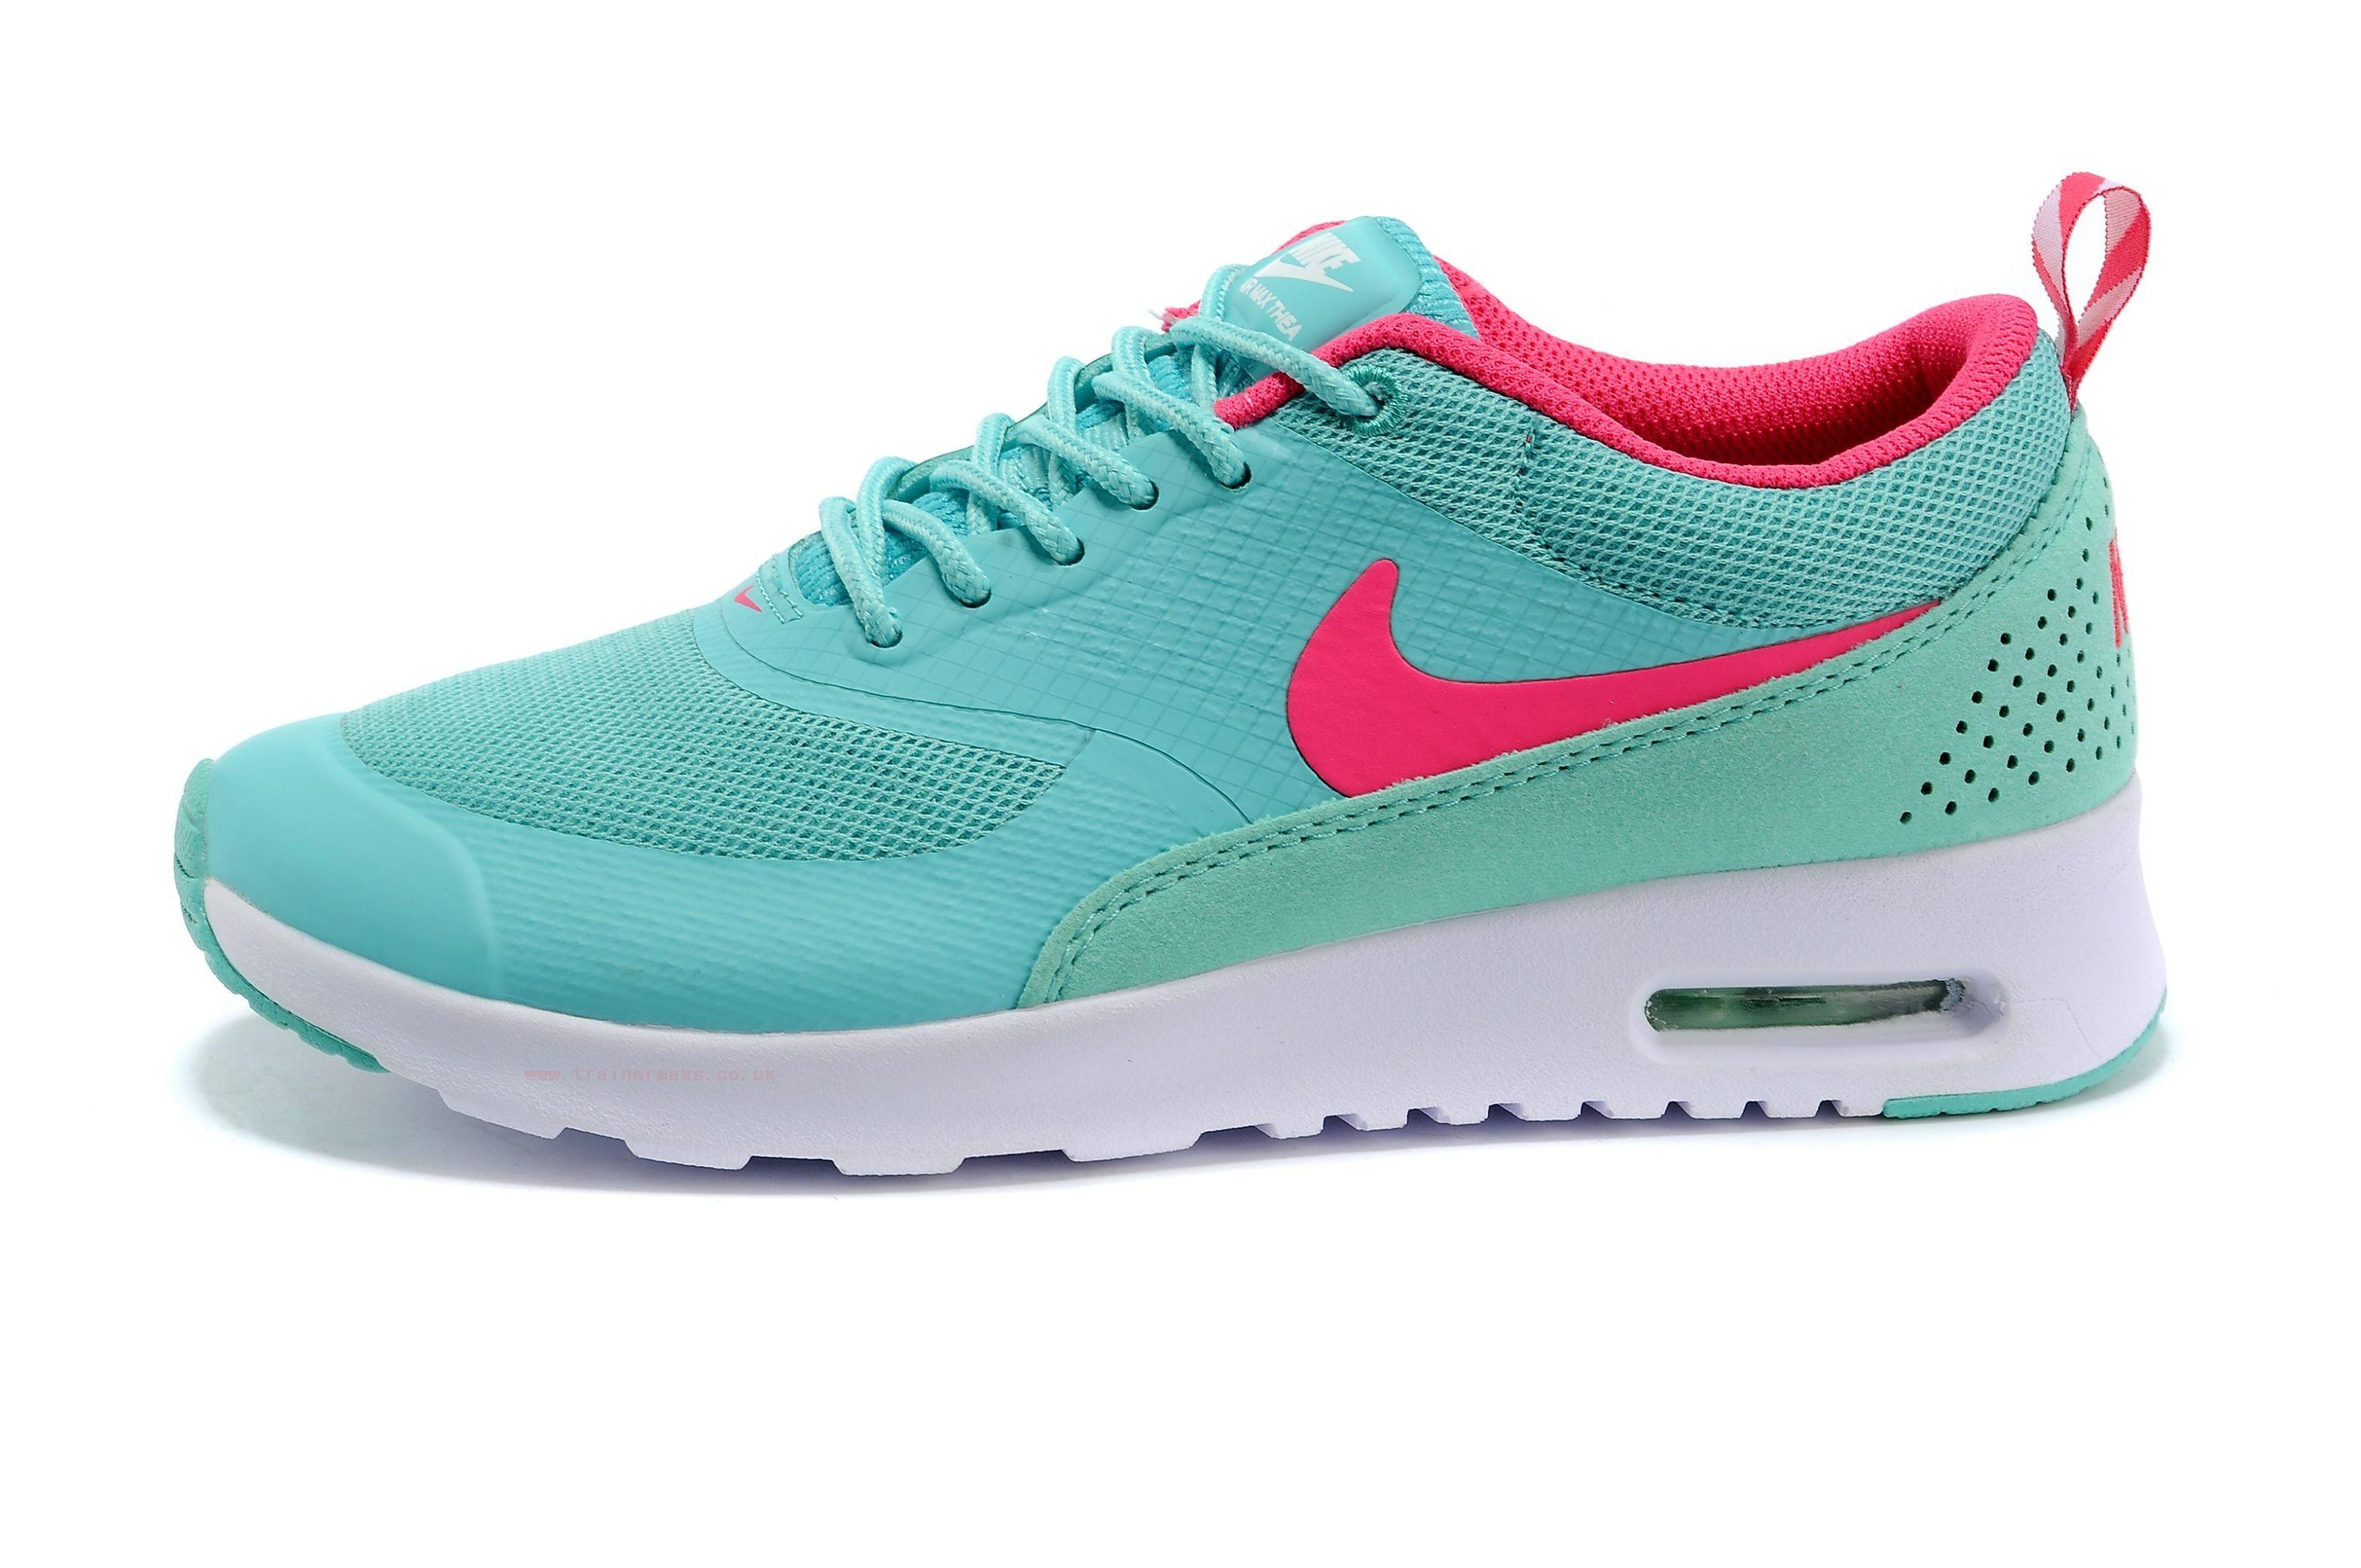 zapatillas nike air max mujer precio